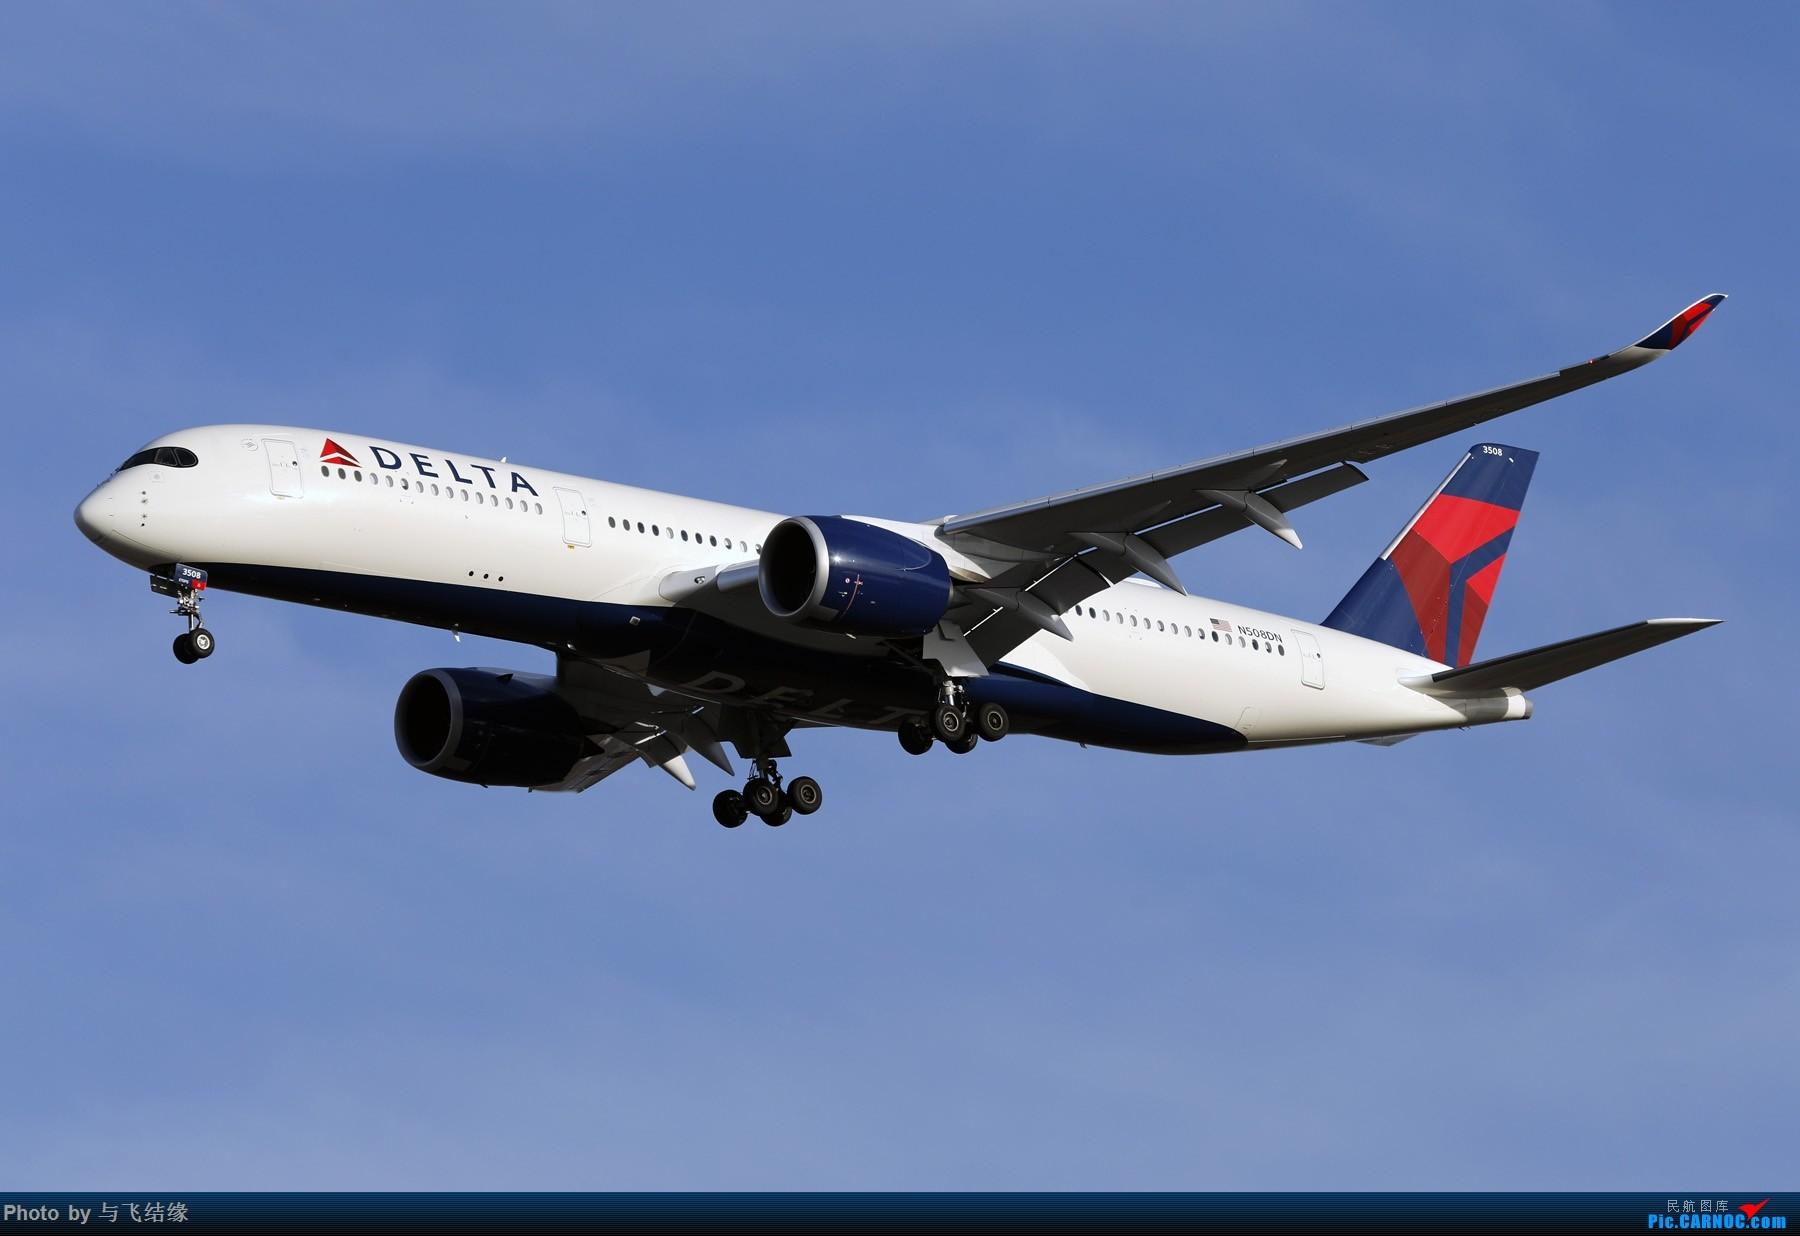 Re:[原创]以色列航空波音777-200、加拿大航空波音77W新装、国航最新空客350-900. AIRBUS A350-900 N508DN 中国北京首都国际机场